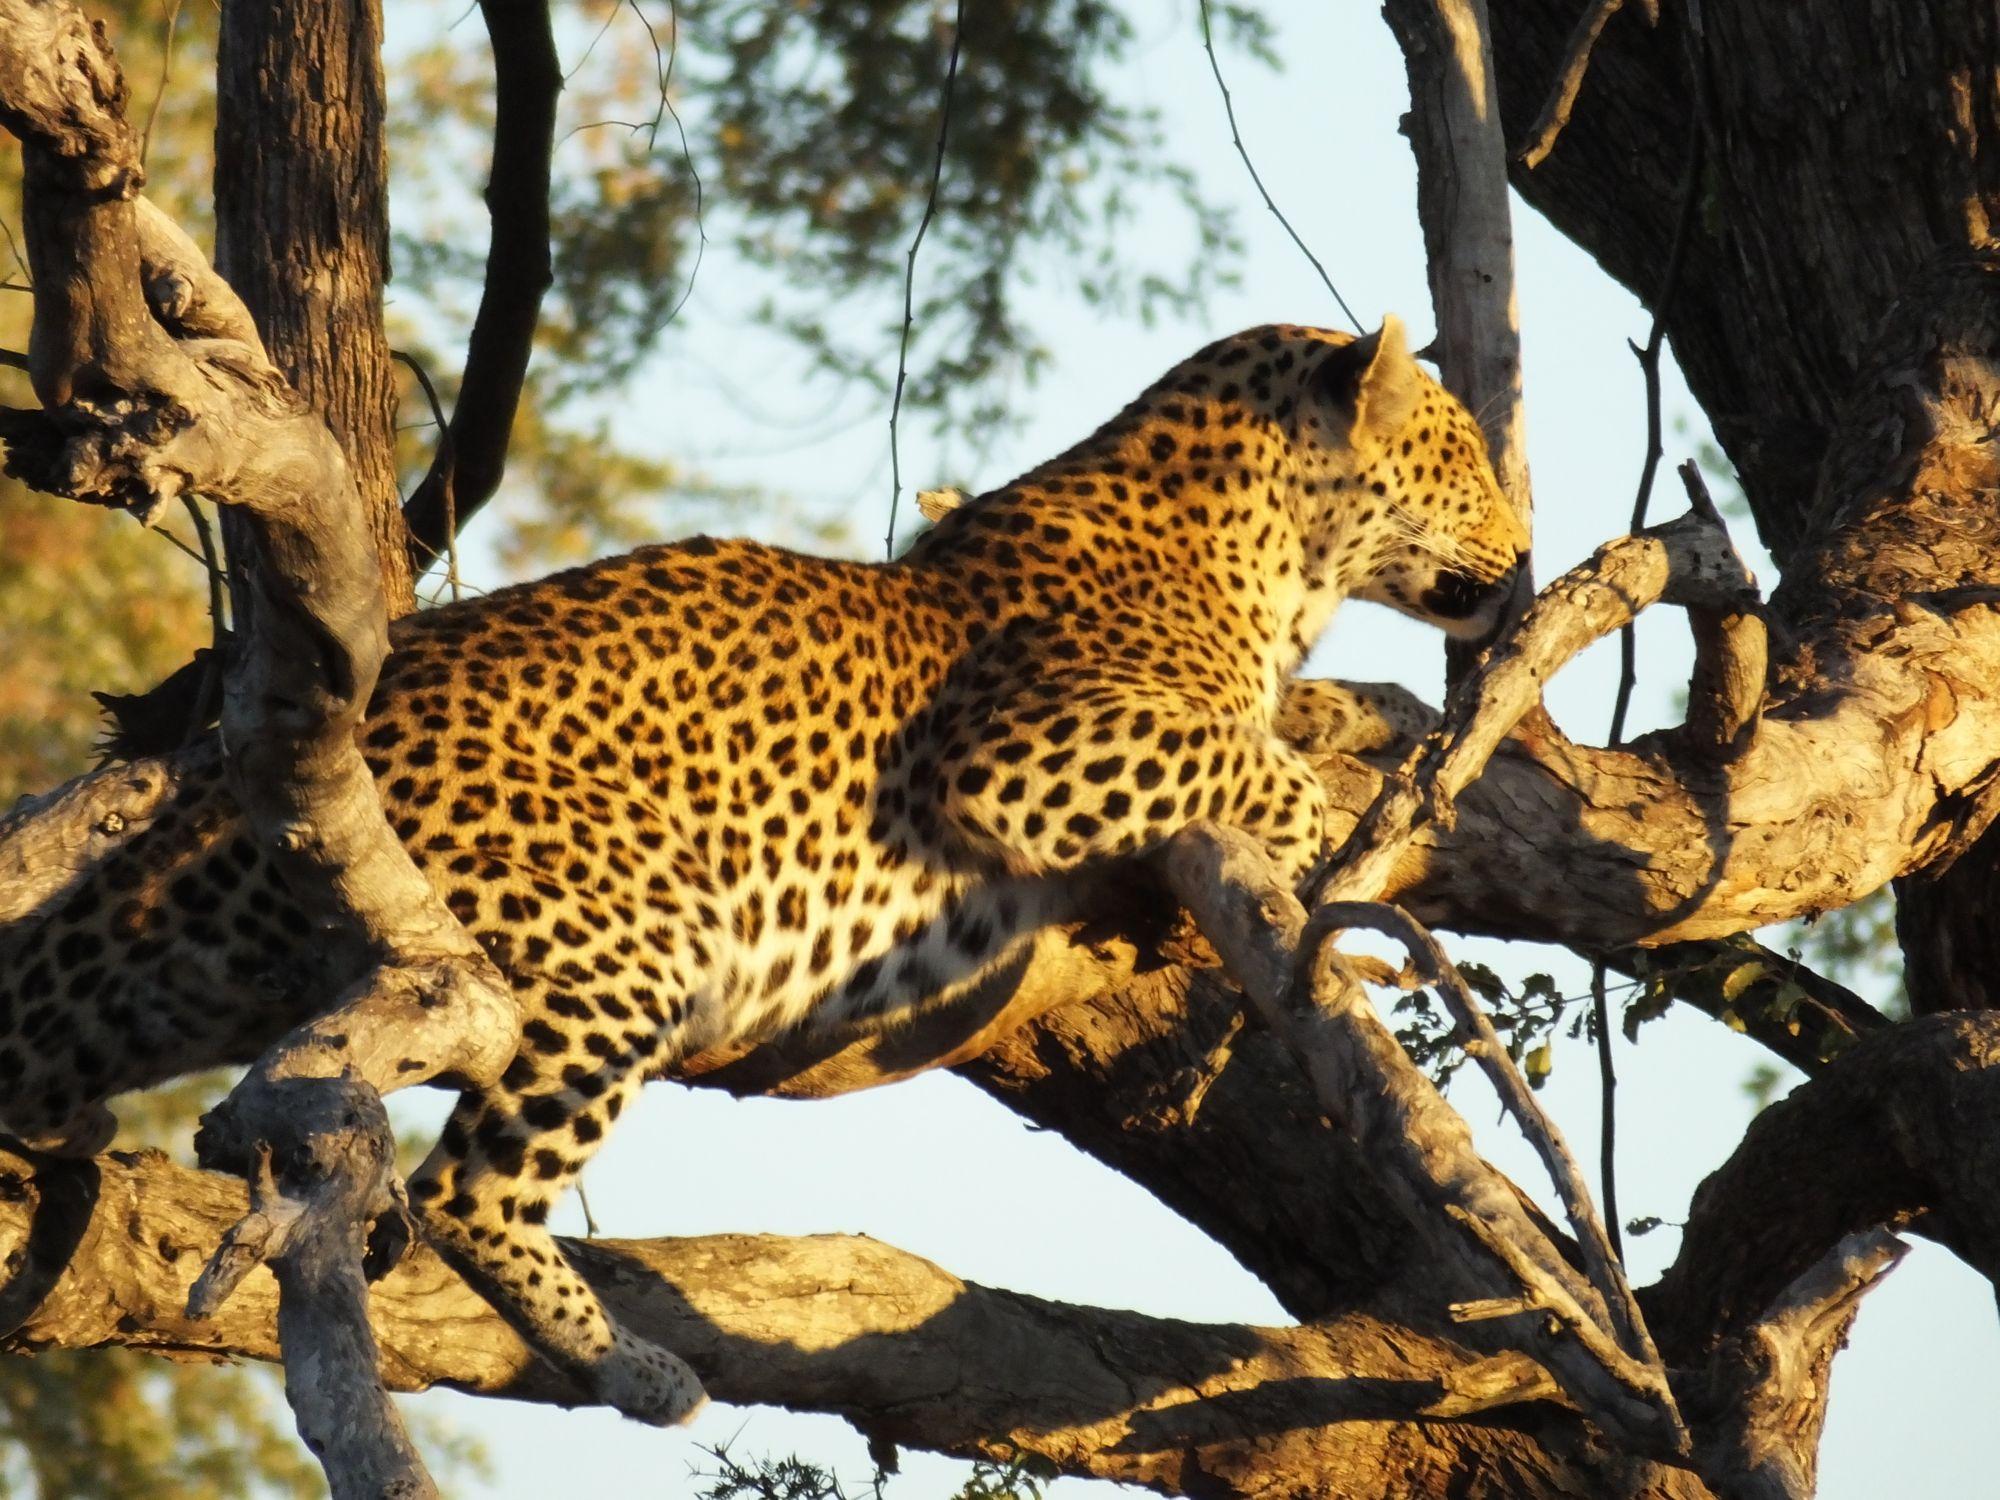 Leopard in a tree in the Okavango Delta